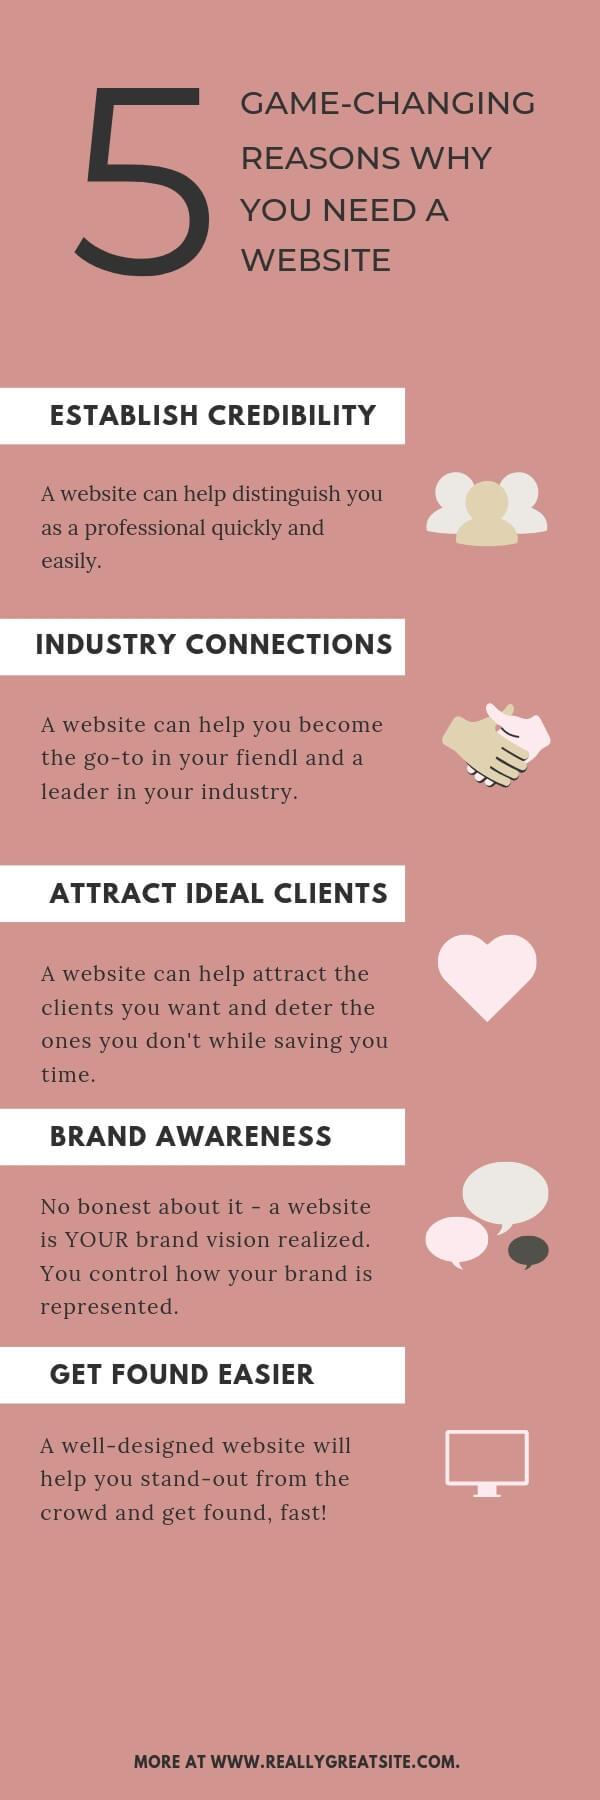 social-media-vs-website-small-business-4.jpg